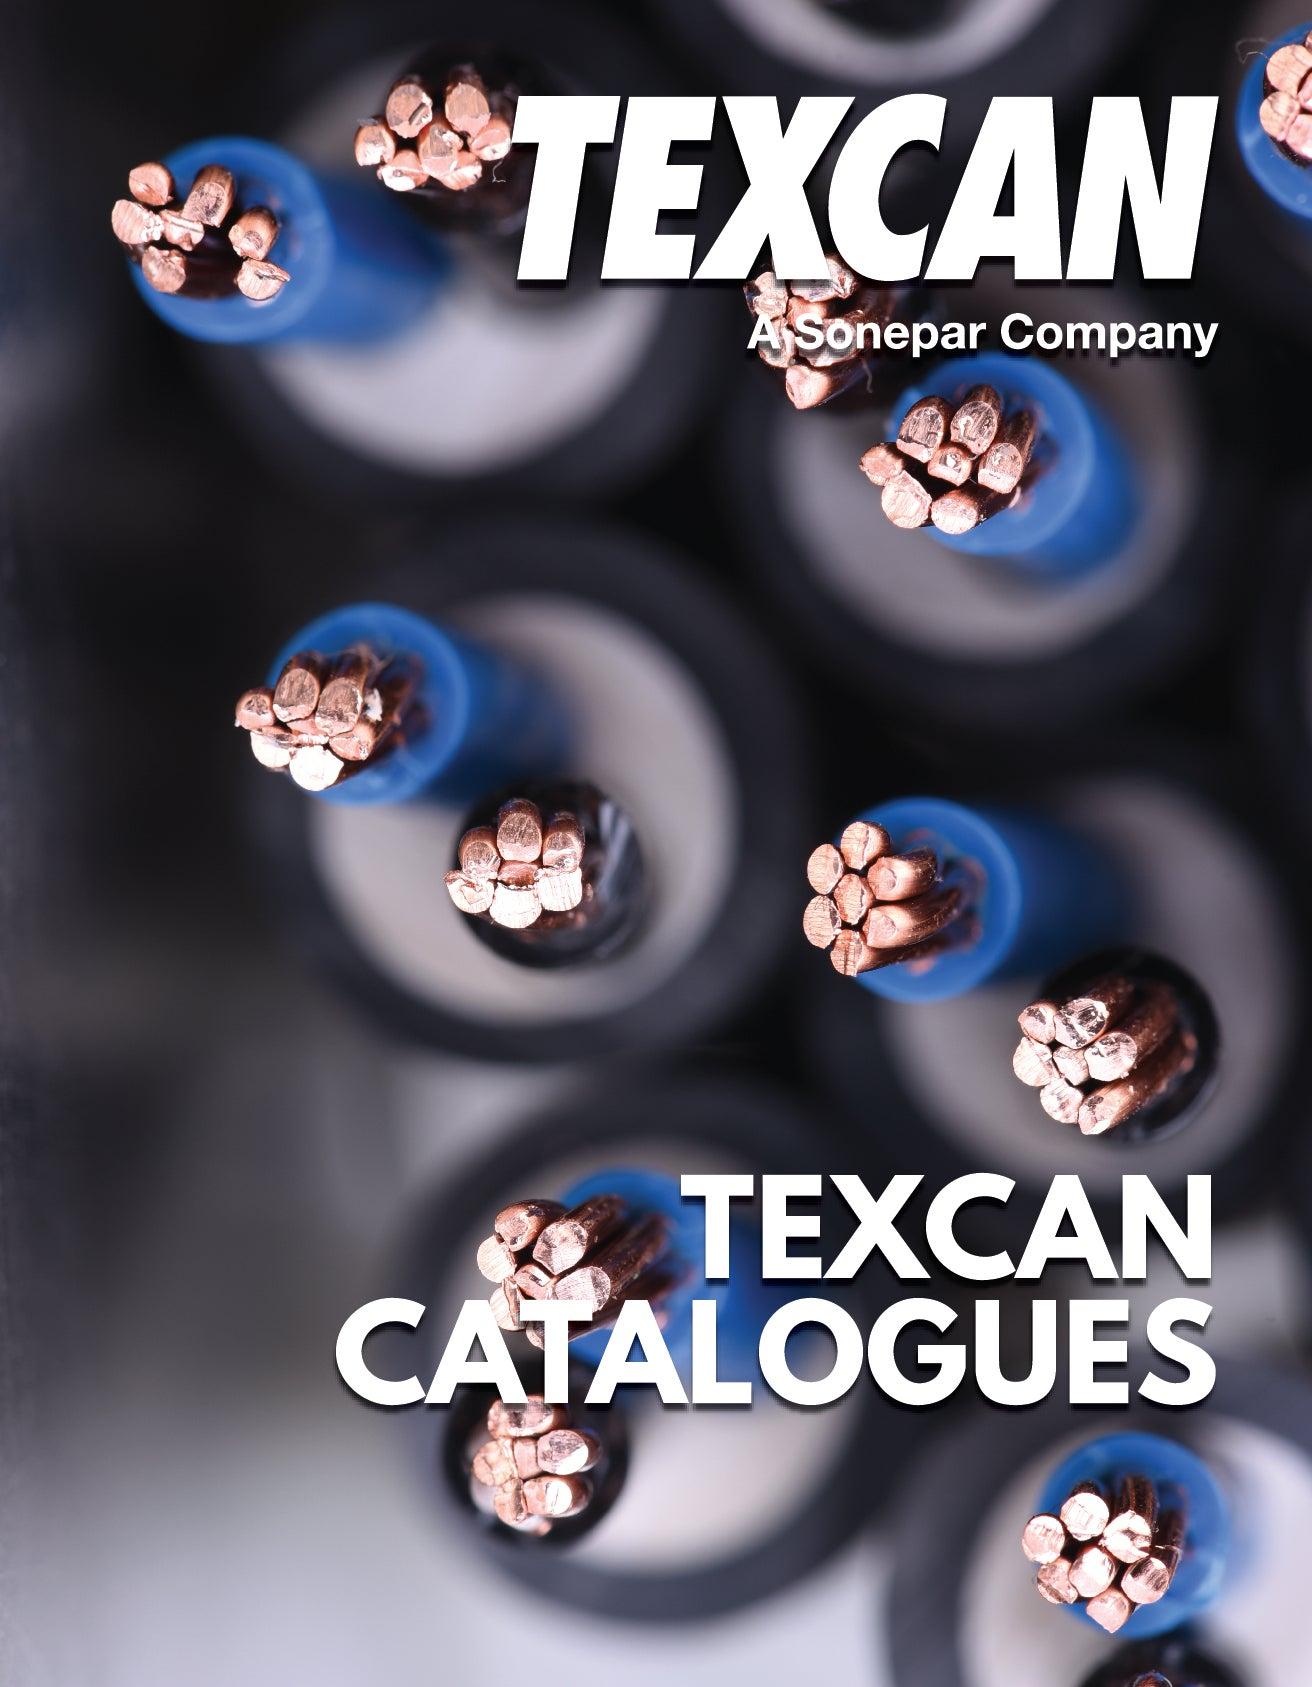 Texcan - Texcan Catalogues.jpg